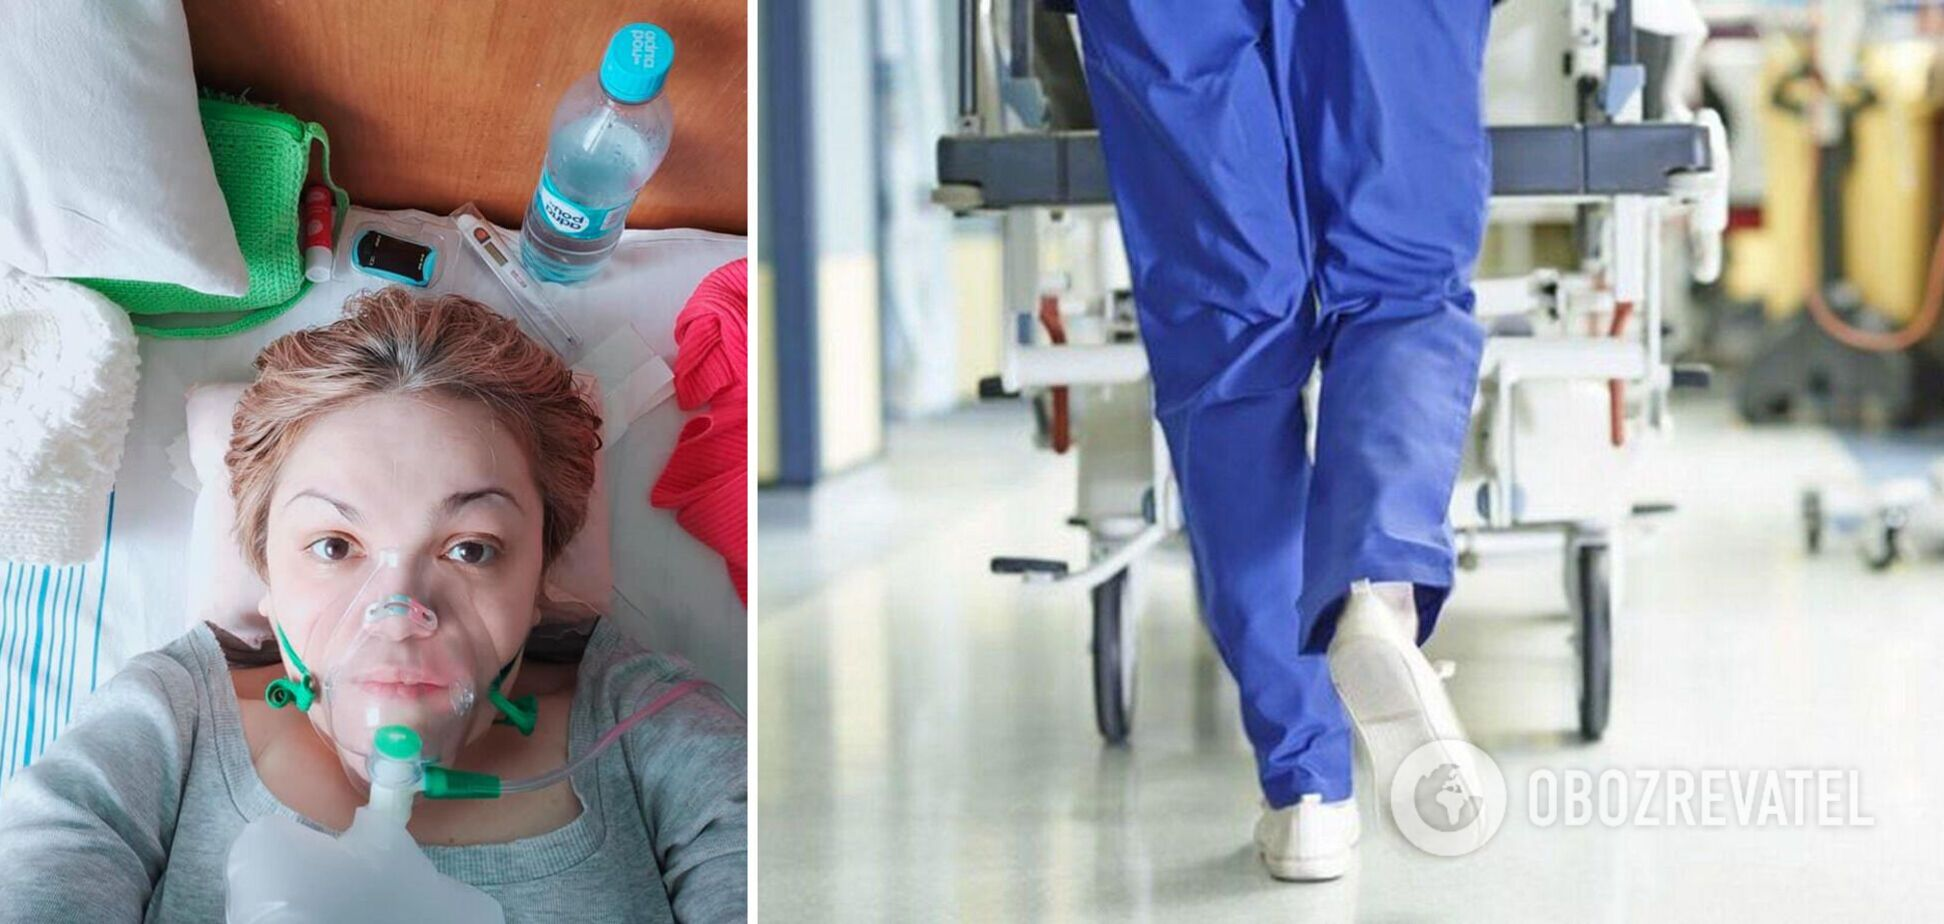 Харків'янка поскаржилася на умови в COVID-лікарні: не вистачає лікарів і медперсоналу. Фото